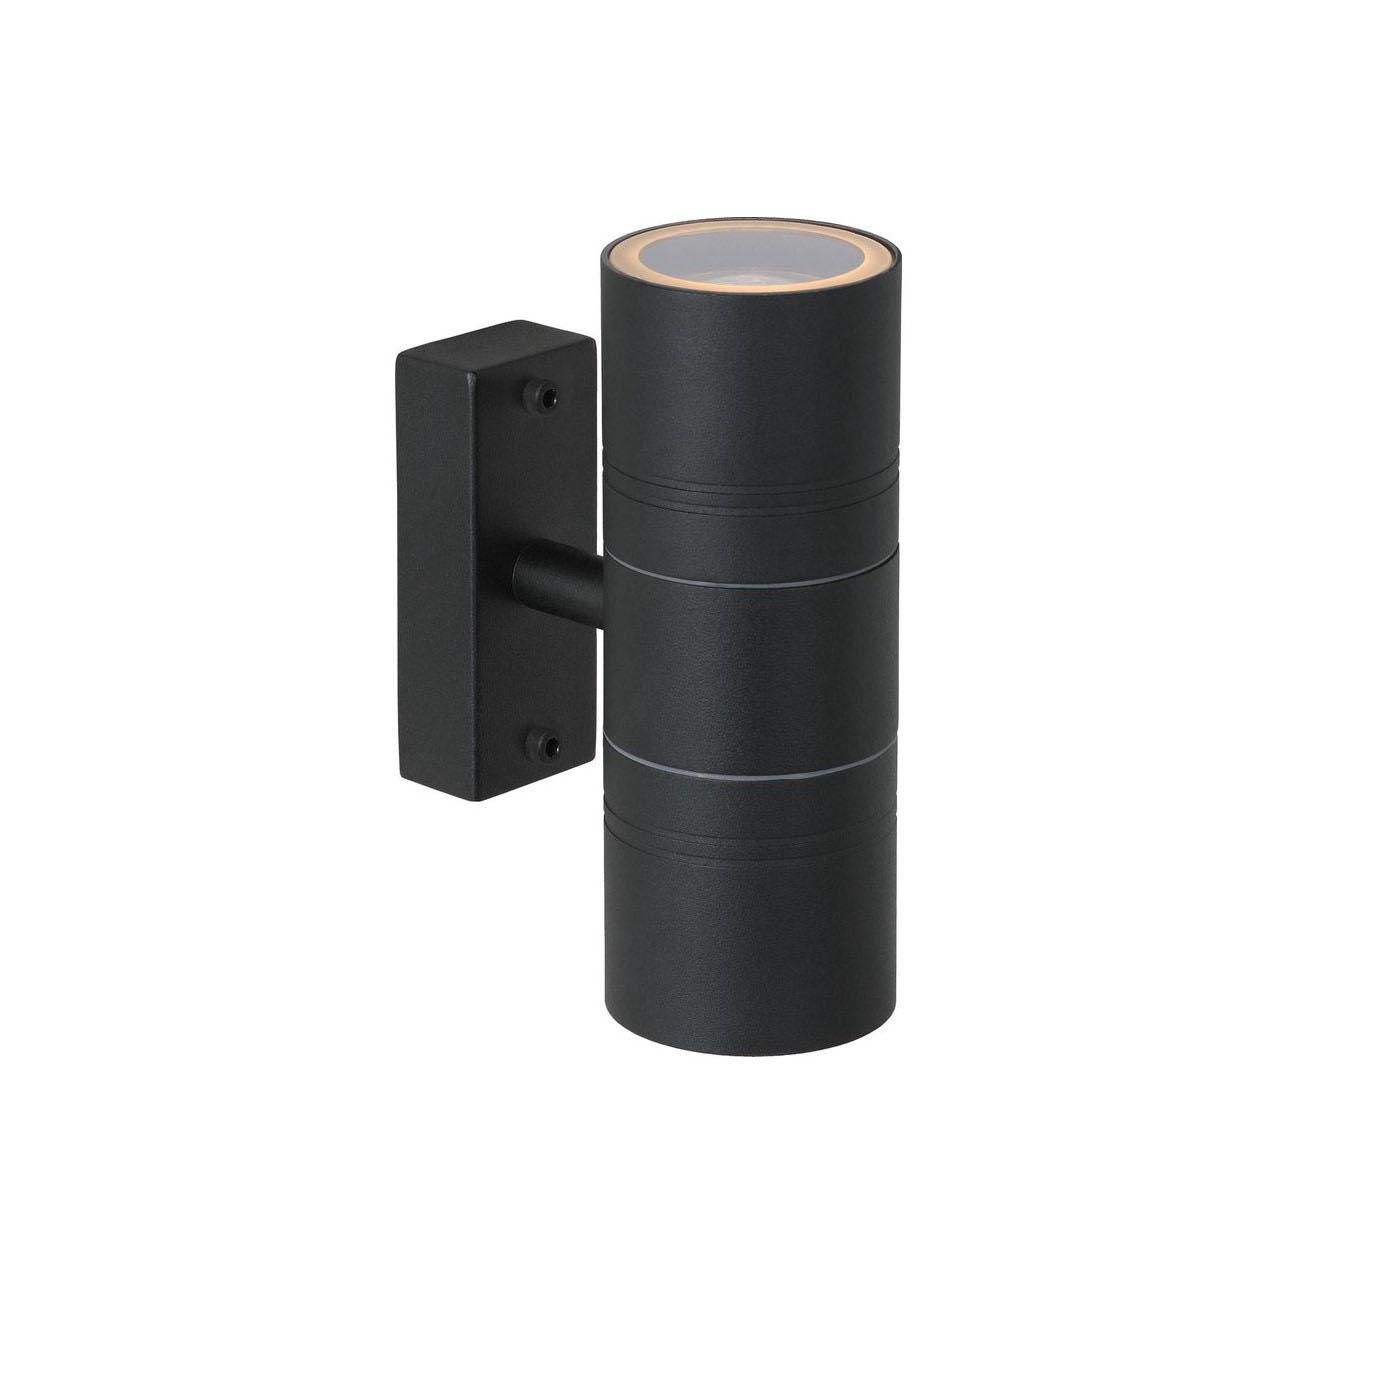 Wandlamp zwart 2 keer GU10 fitting - Zijkant lamp aan